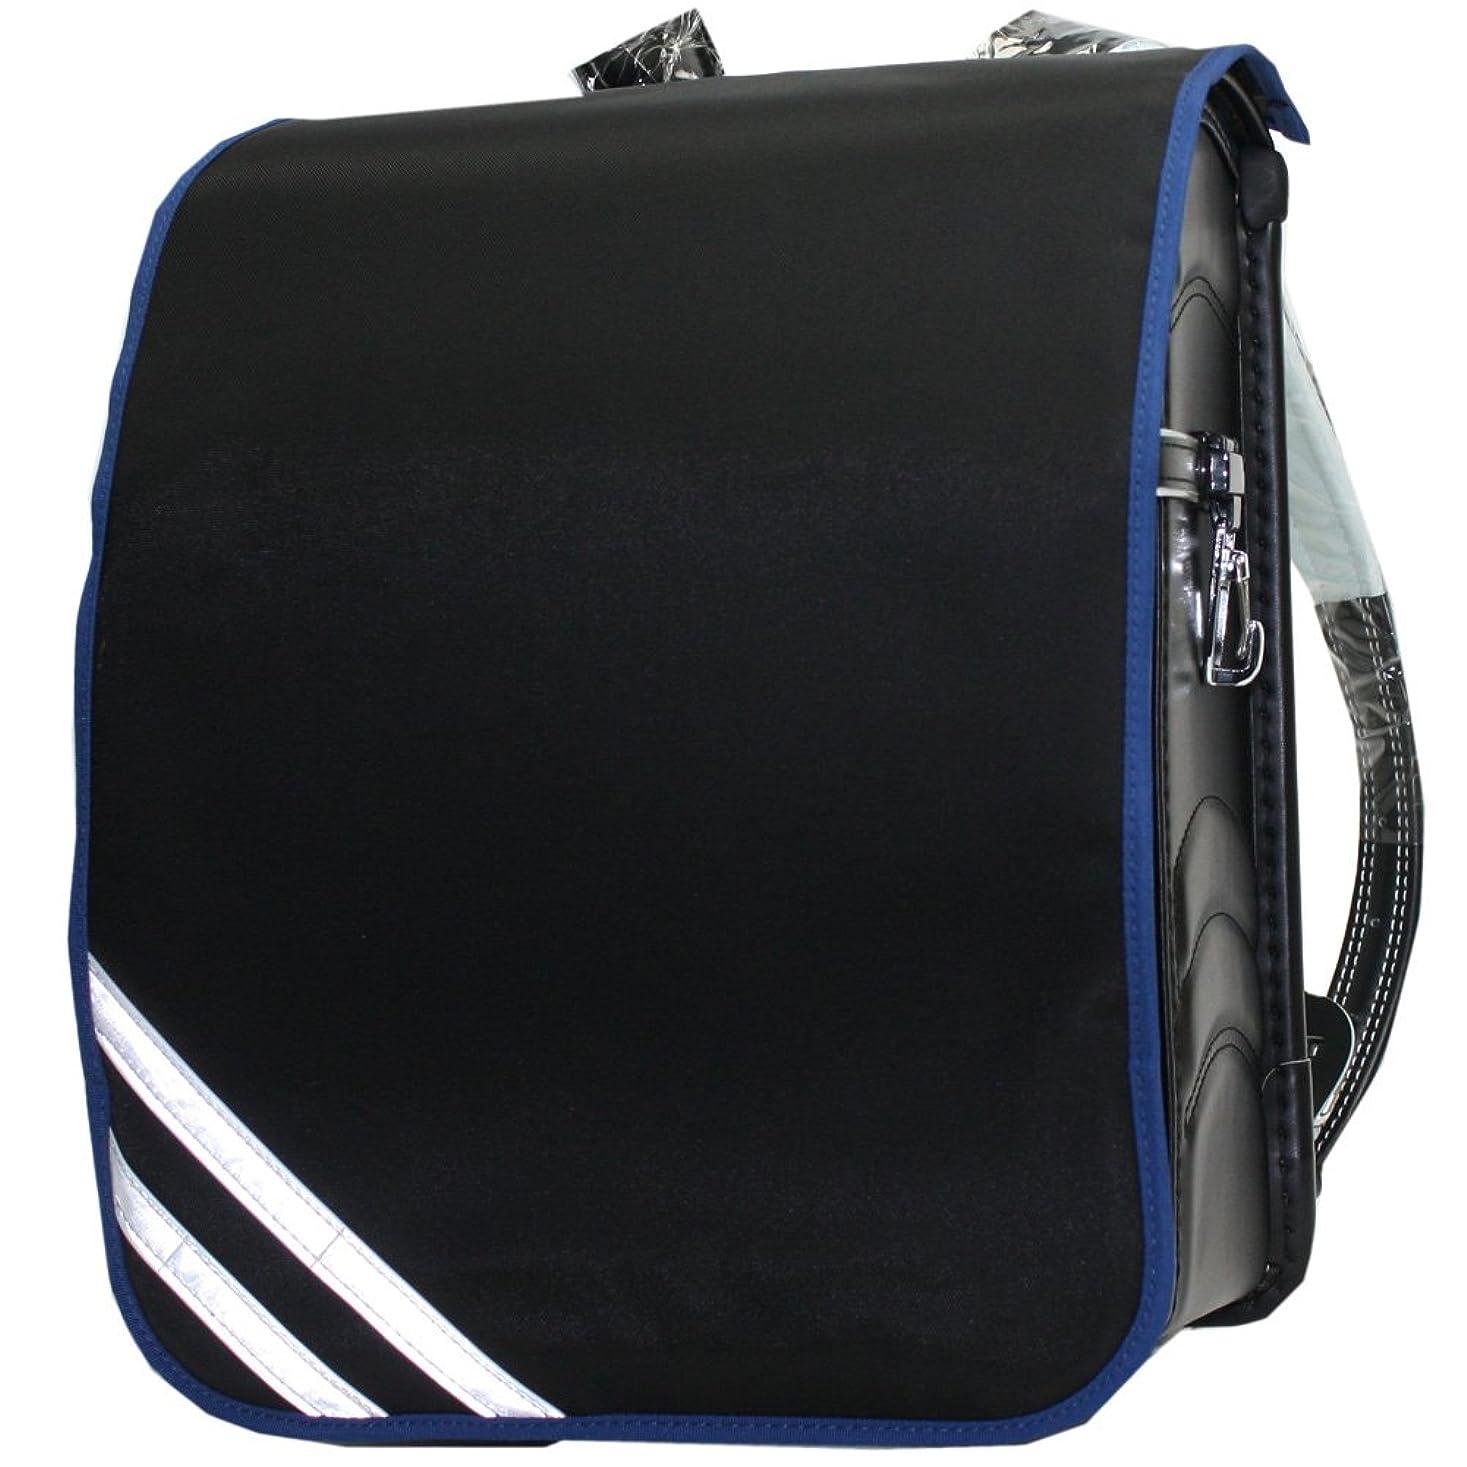 予備明快ソブリケットランドセル用 撥水かぶせカバー Lサイズ 黒無地×コンビカラー 斜め反射テープ ブルー